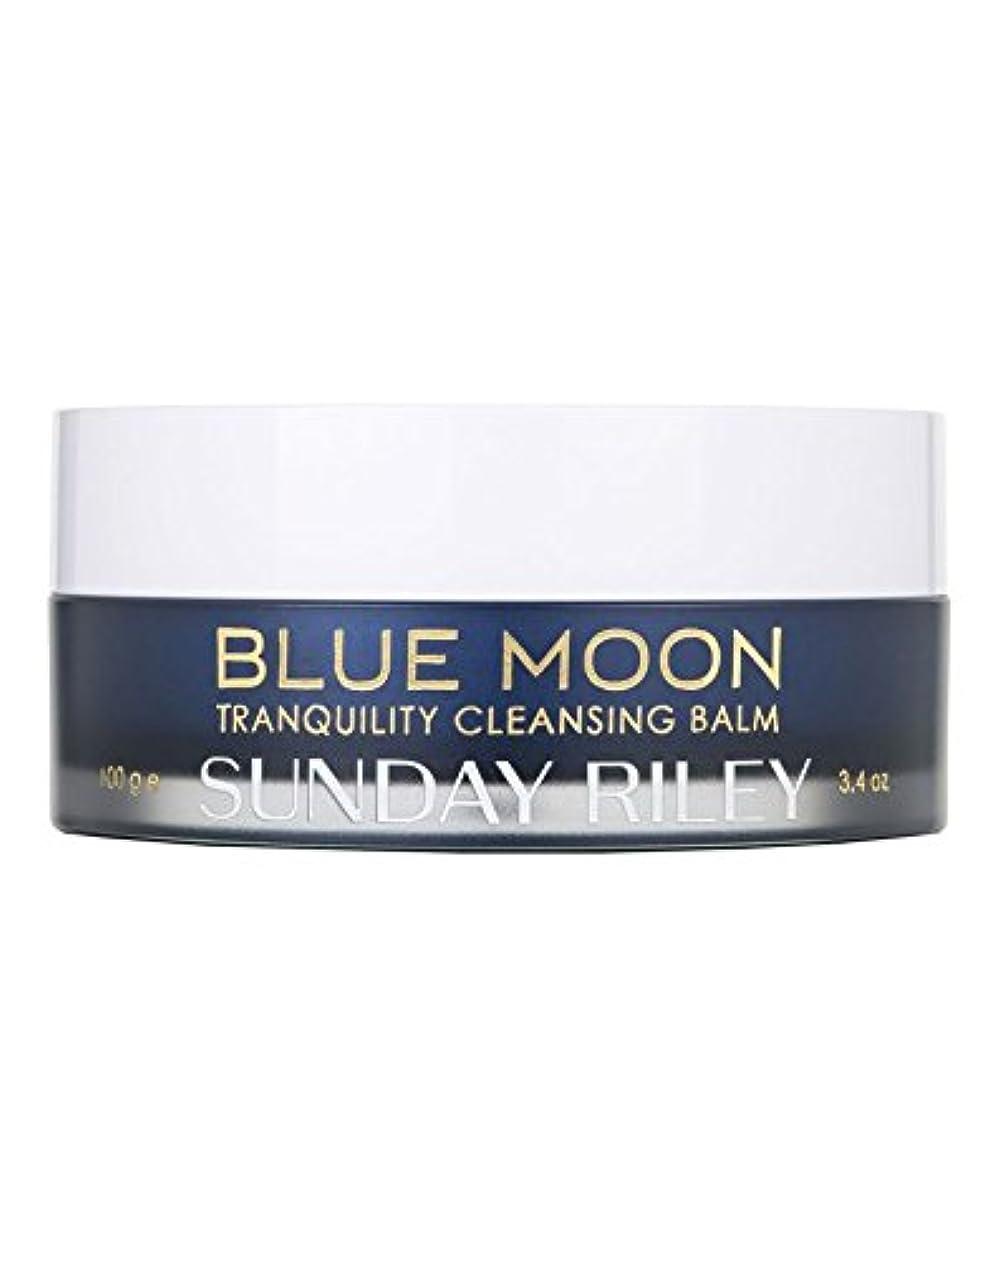 先史時代の通訳適切にSunday Riley Blue Moon Tranquility Cleansing Balm 100g サンデーライリー ブルームーン クレンジングバーム